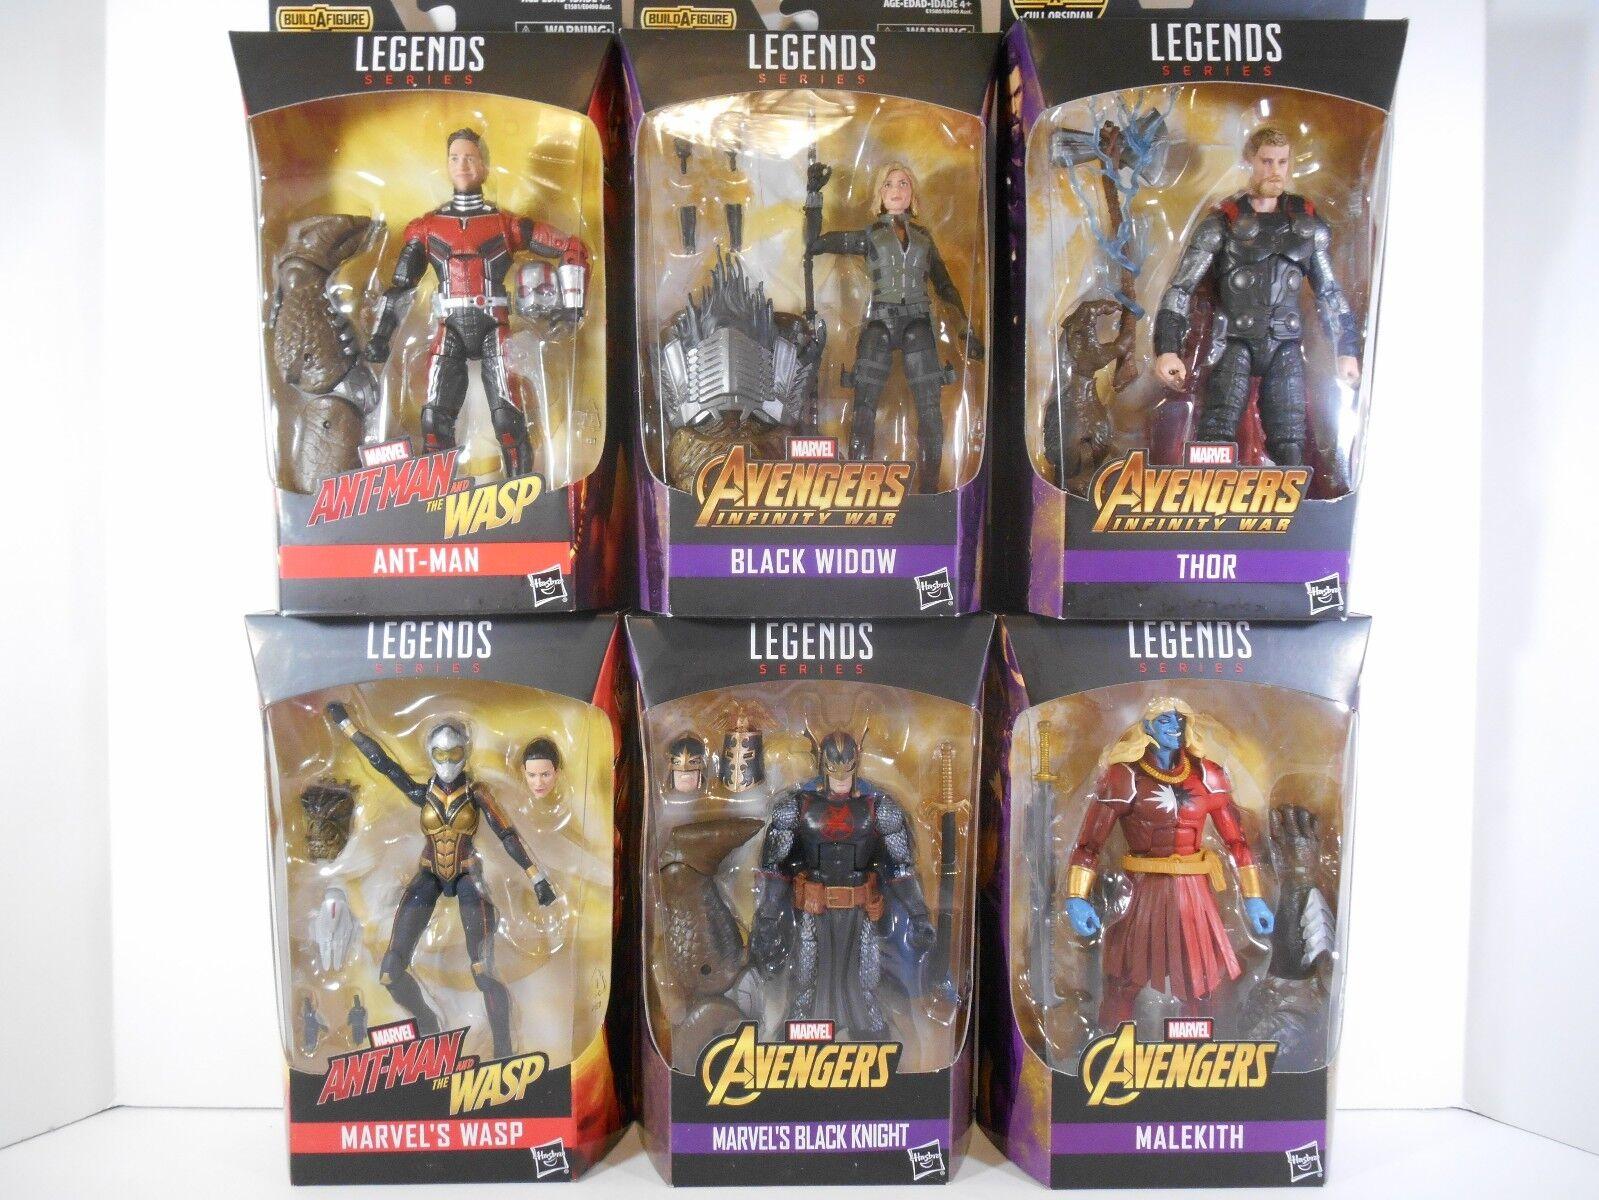 Marvel Legends Avengers Infinity War Wave 2 BAF Cull Obsidian